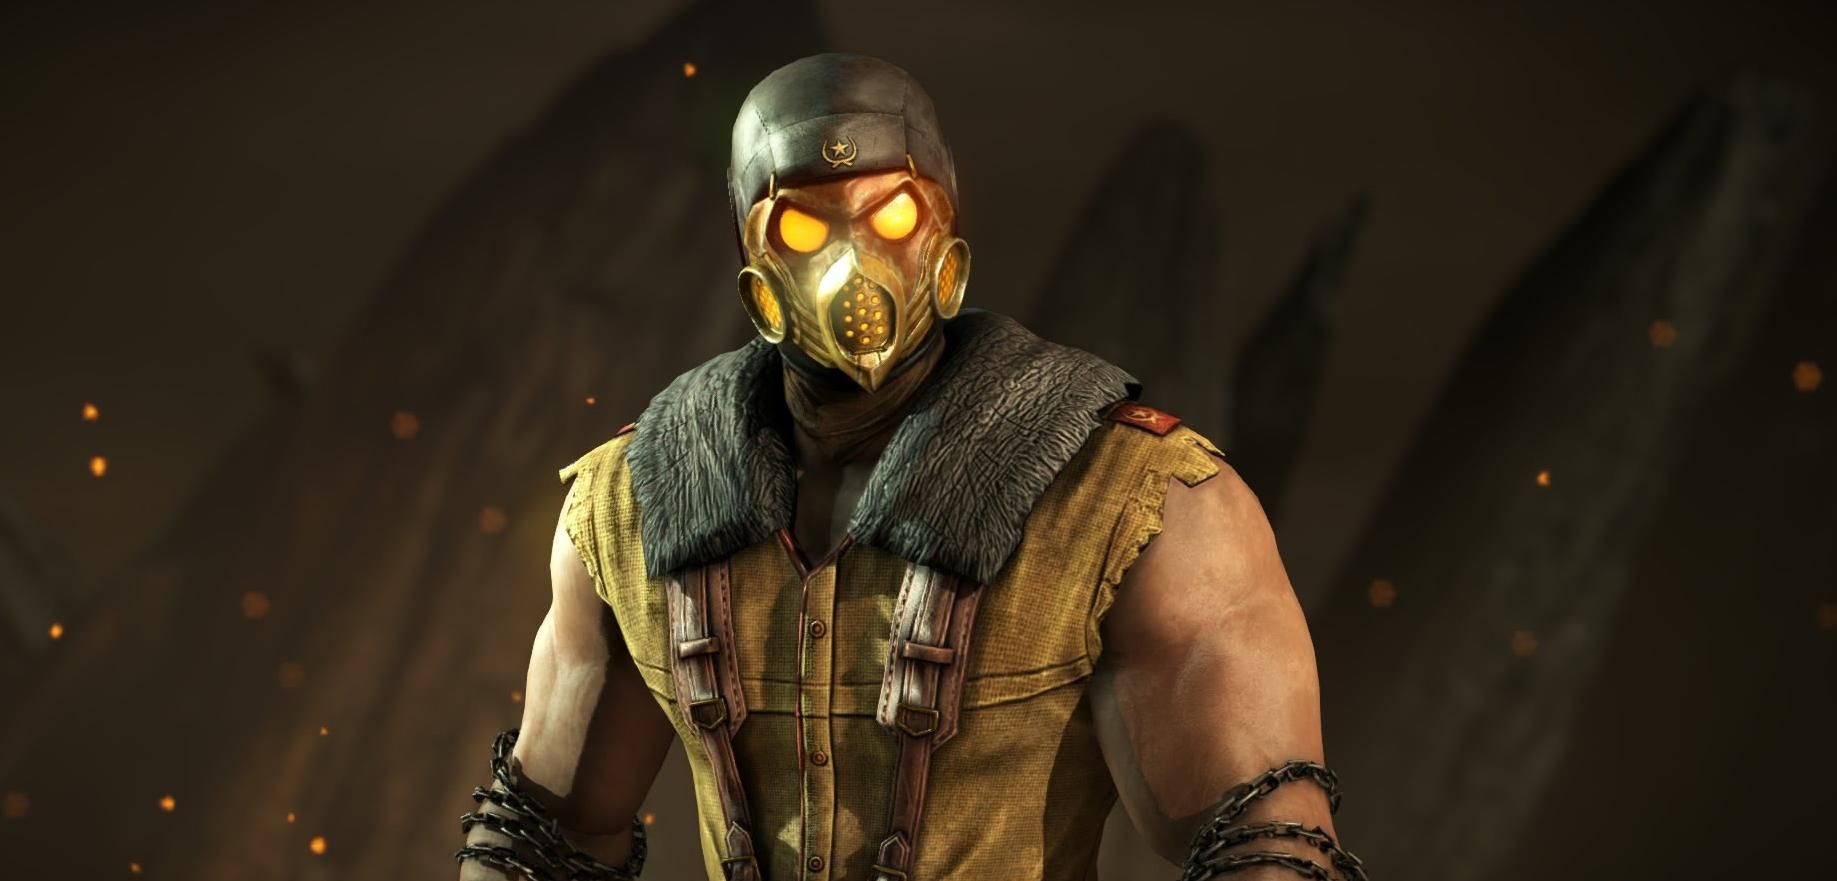 Mortal Kombat 11 torneos cancelados en el último minuto por preocupaciones de coronavirus